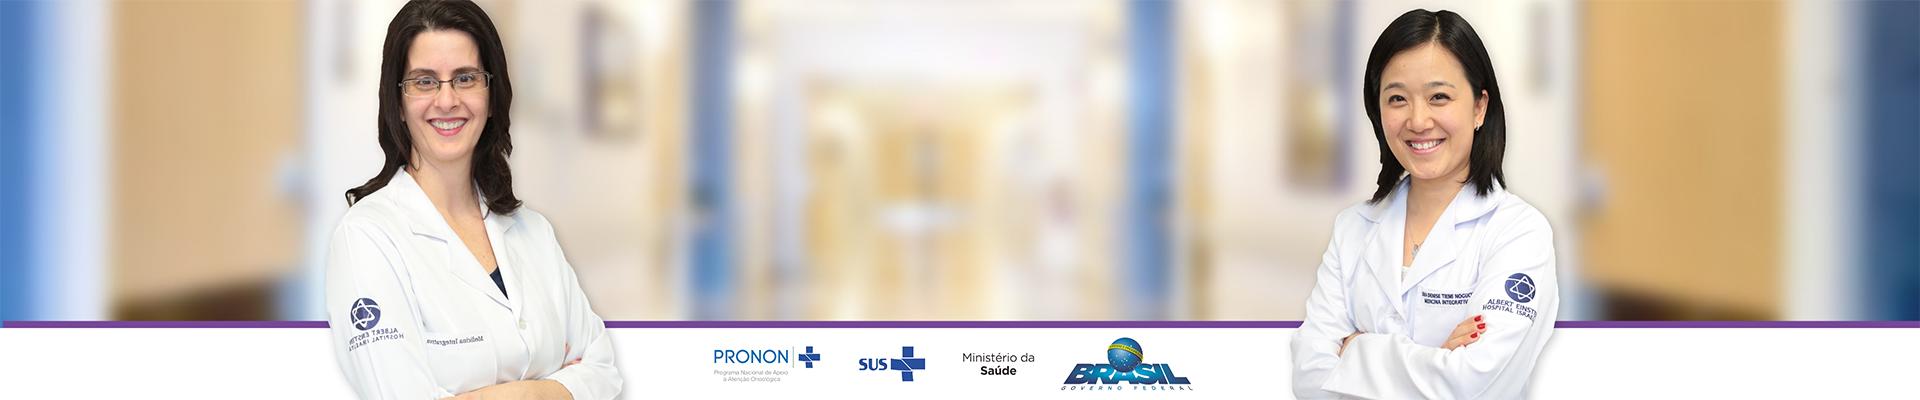 Medicina%20integrativa banner